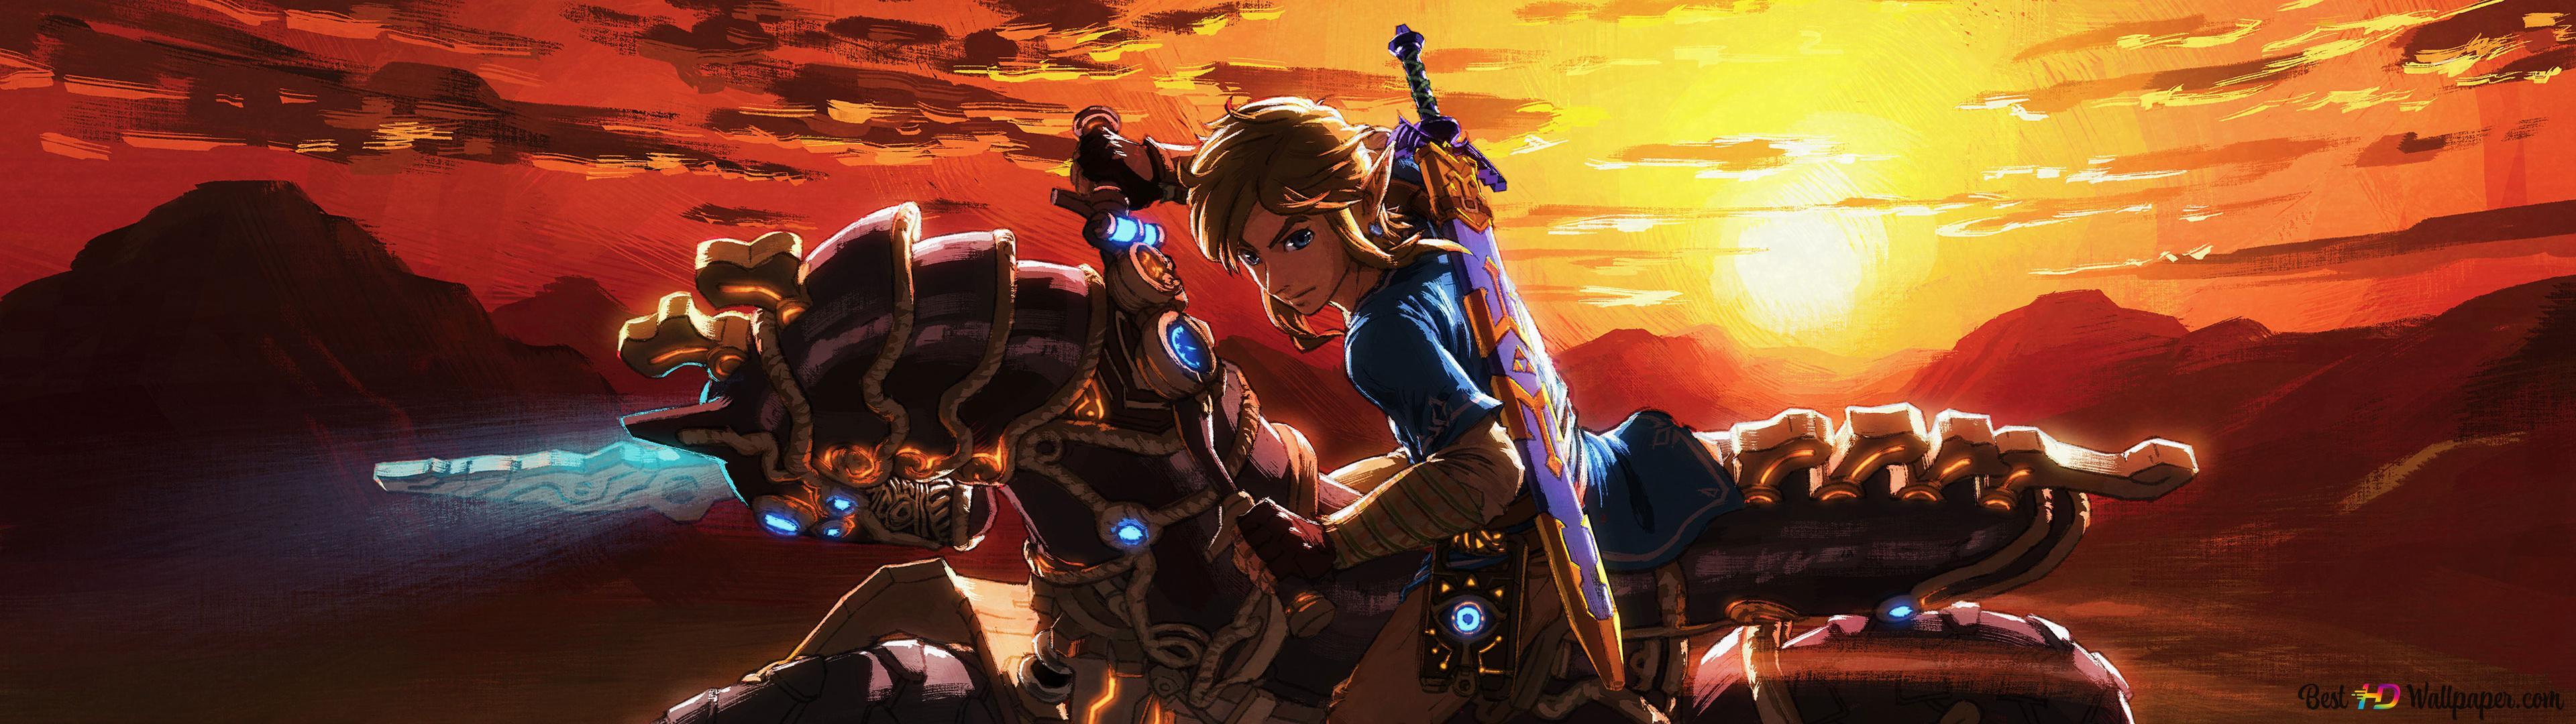 Legend Of Zelda Breath Of The Wild Link Hd Wallpaper Download